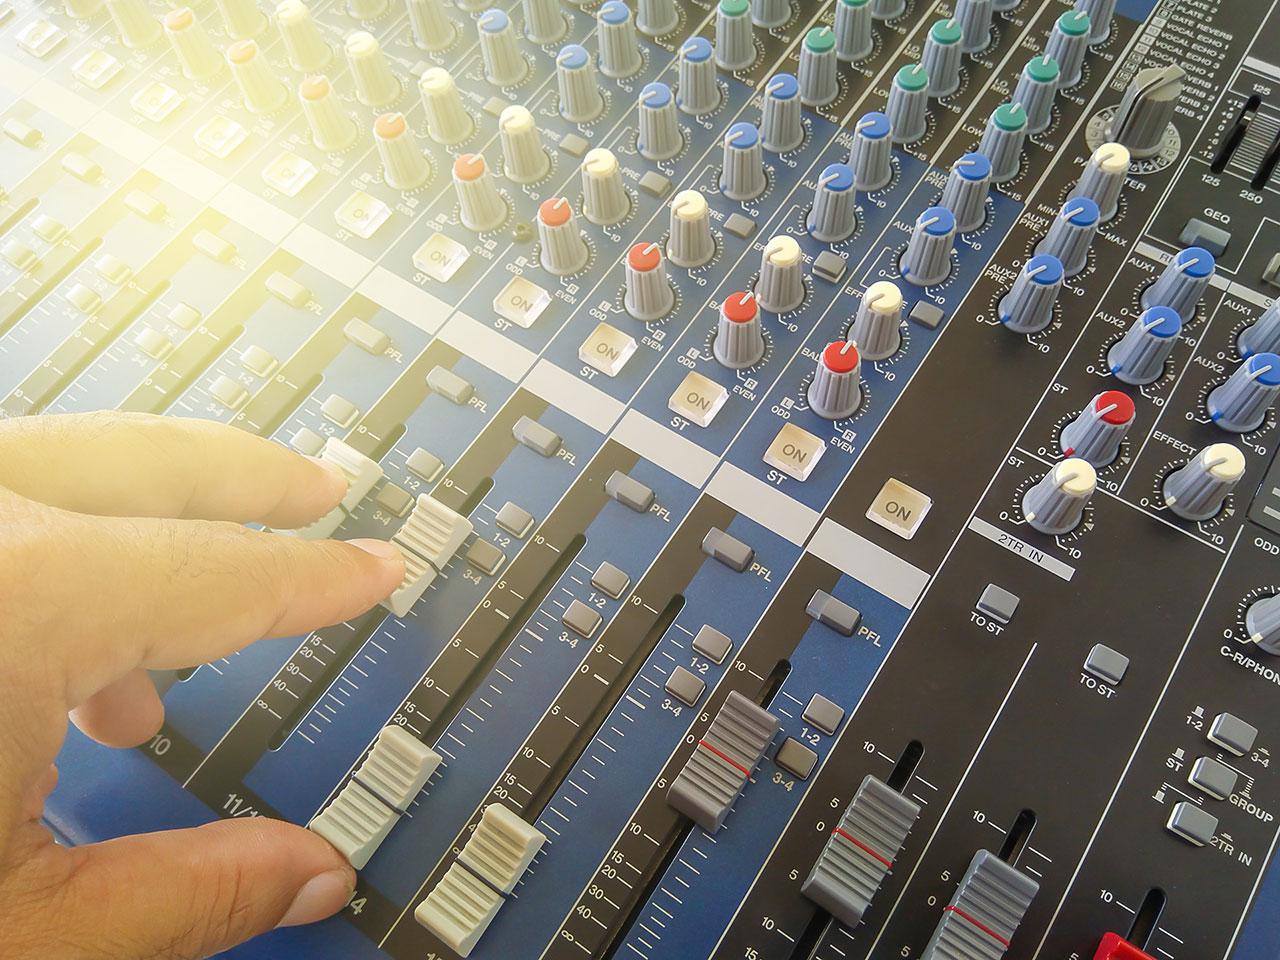 mesa de som analógica